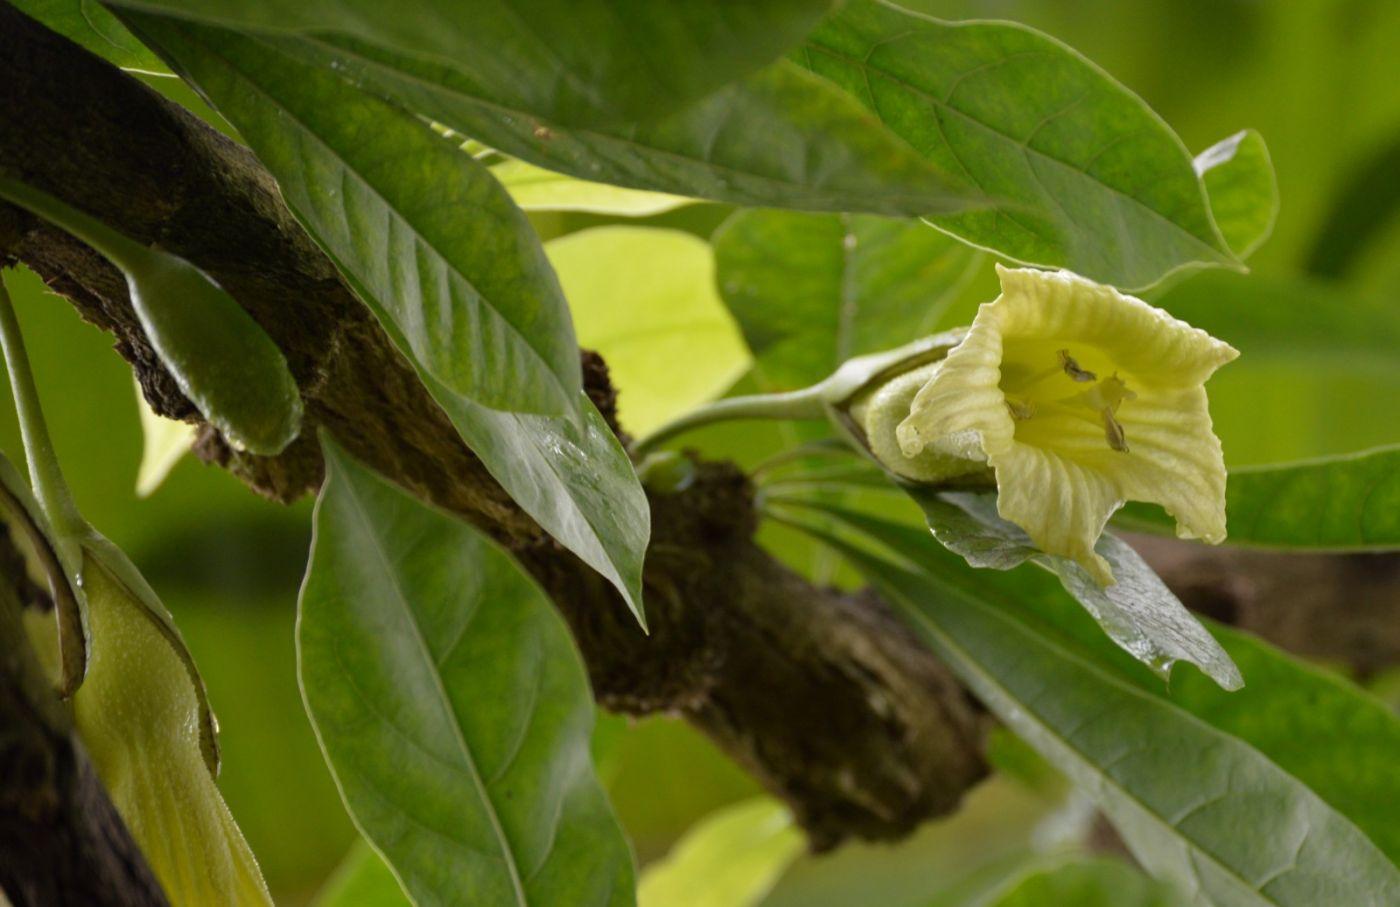 西瓜长在树上_图1-6